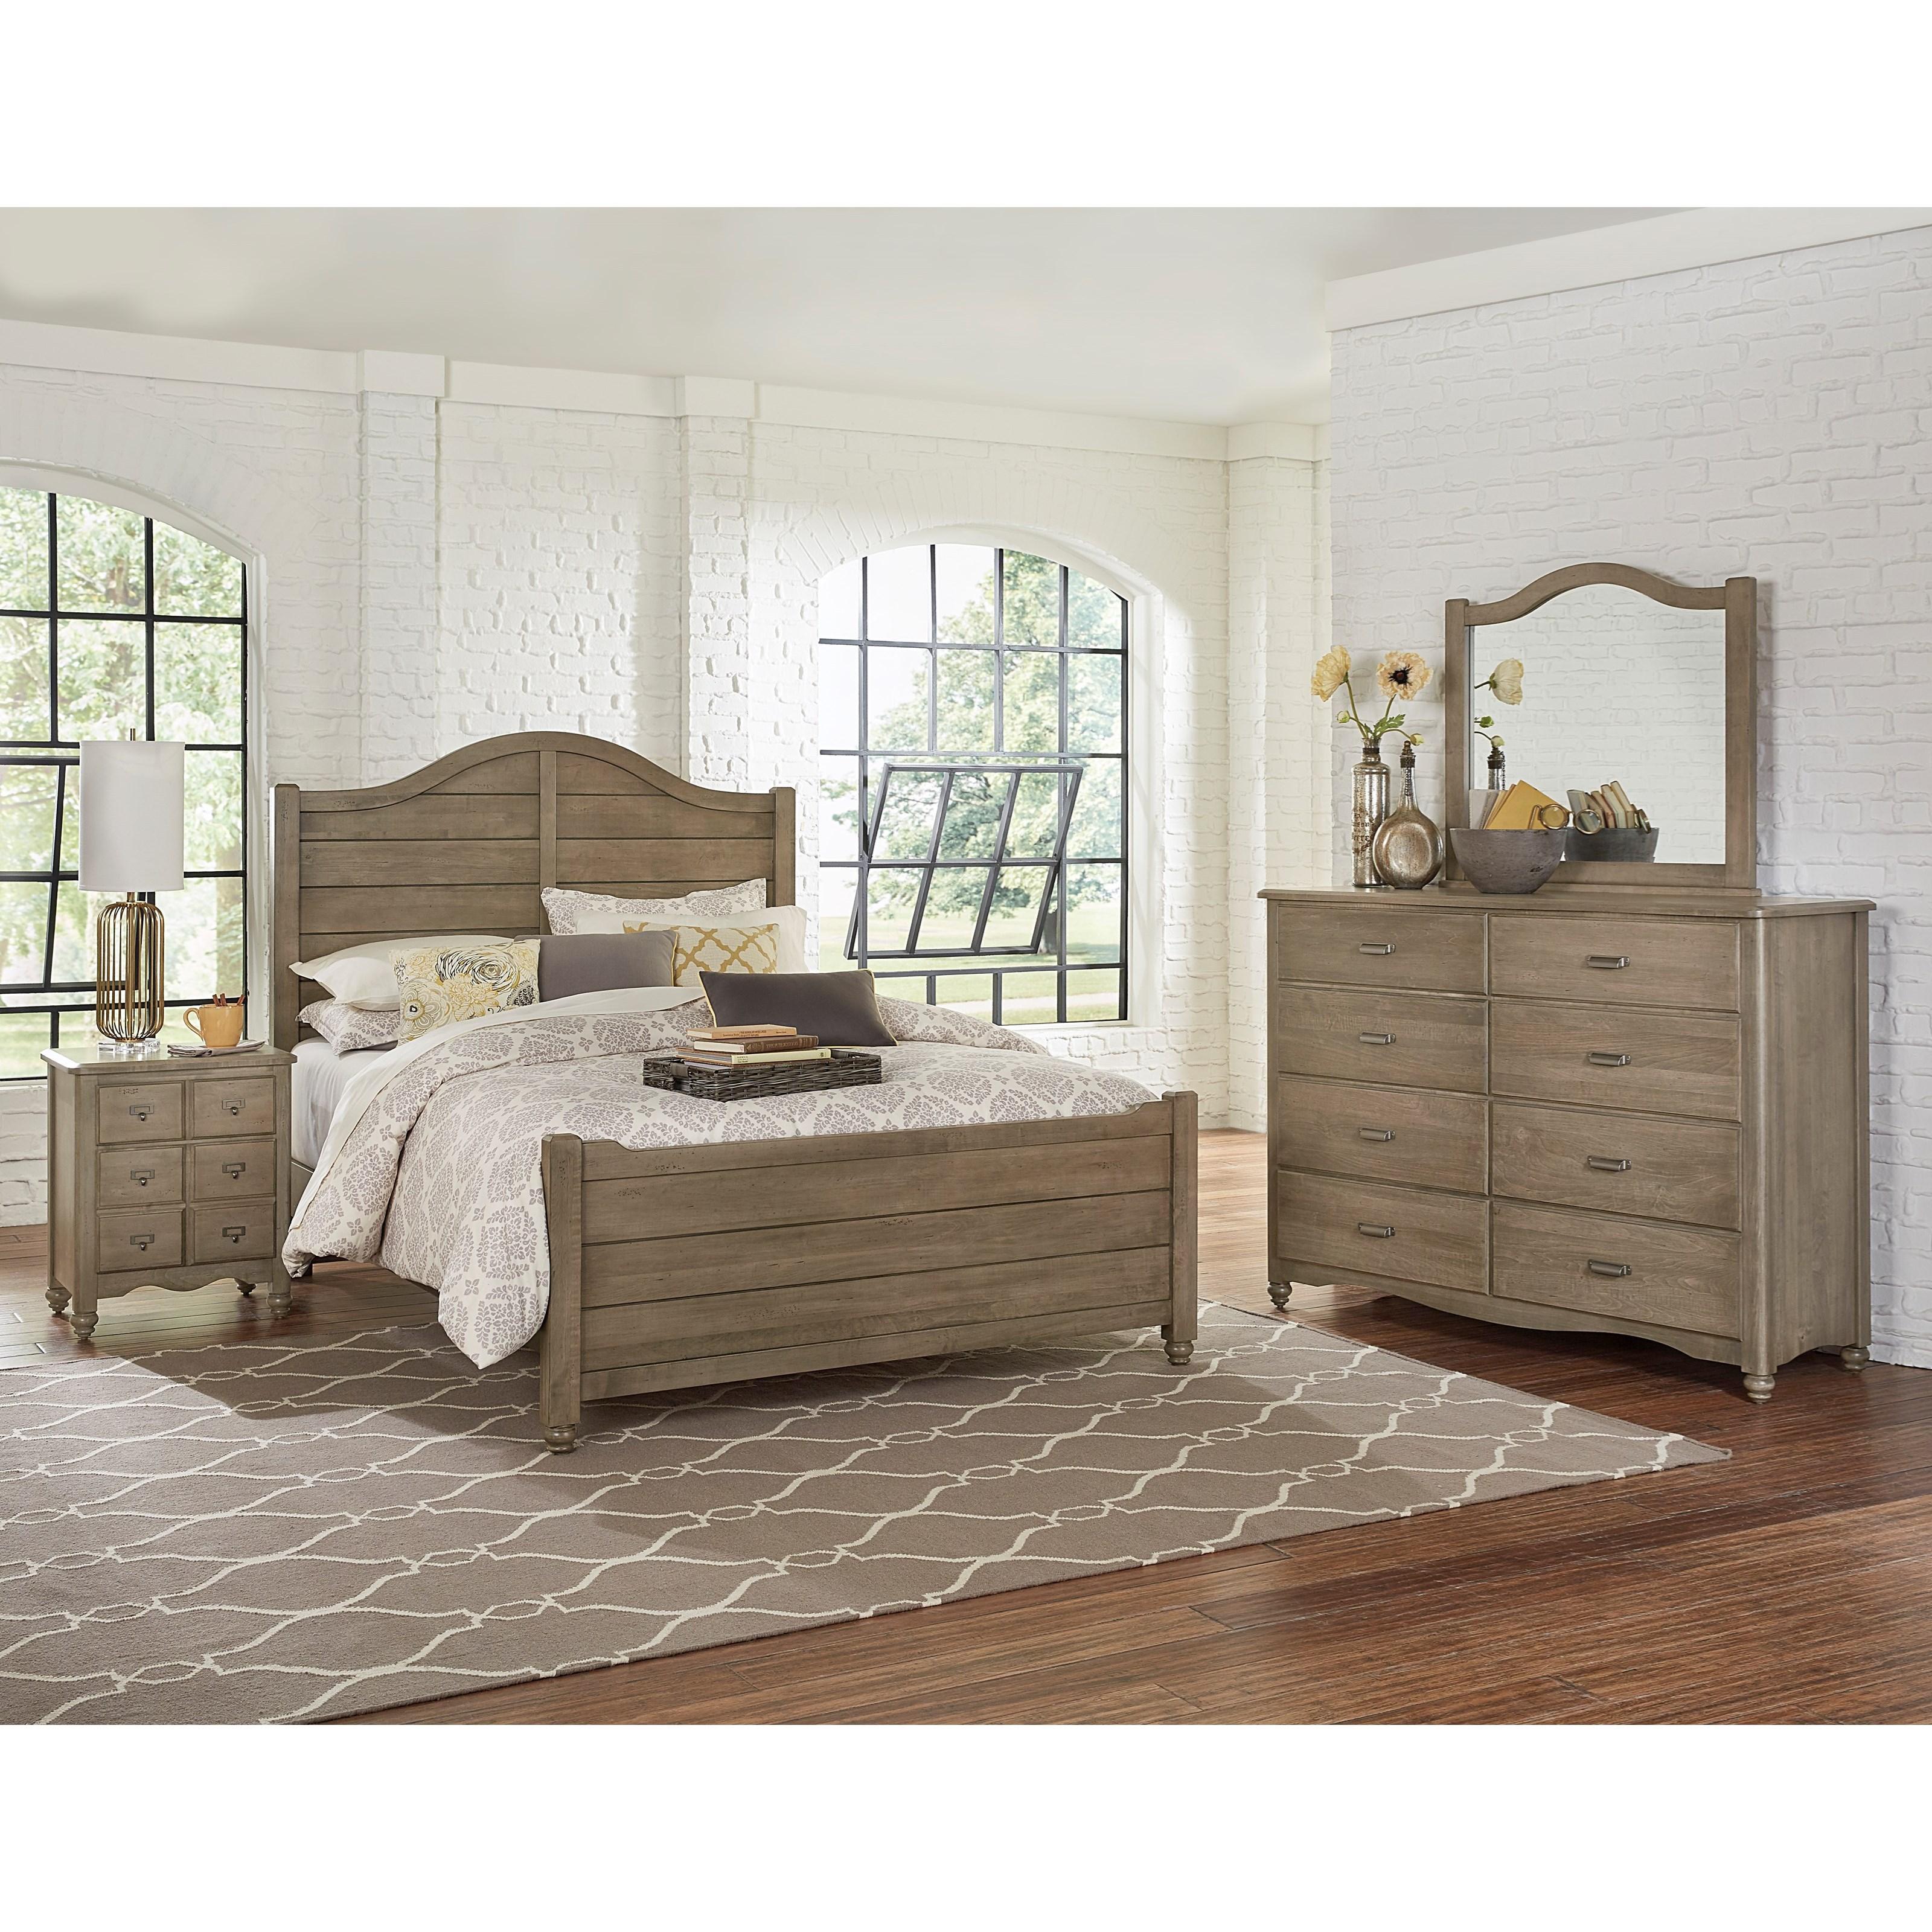 Vaughan Bassett American Maple Queen Bedroom Group - Item Number: 401 Q Bedroom Group 2